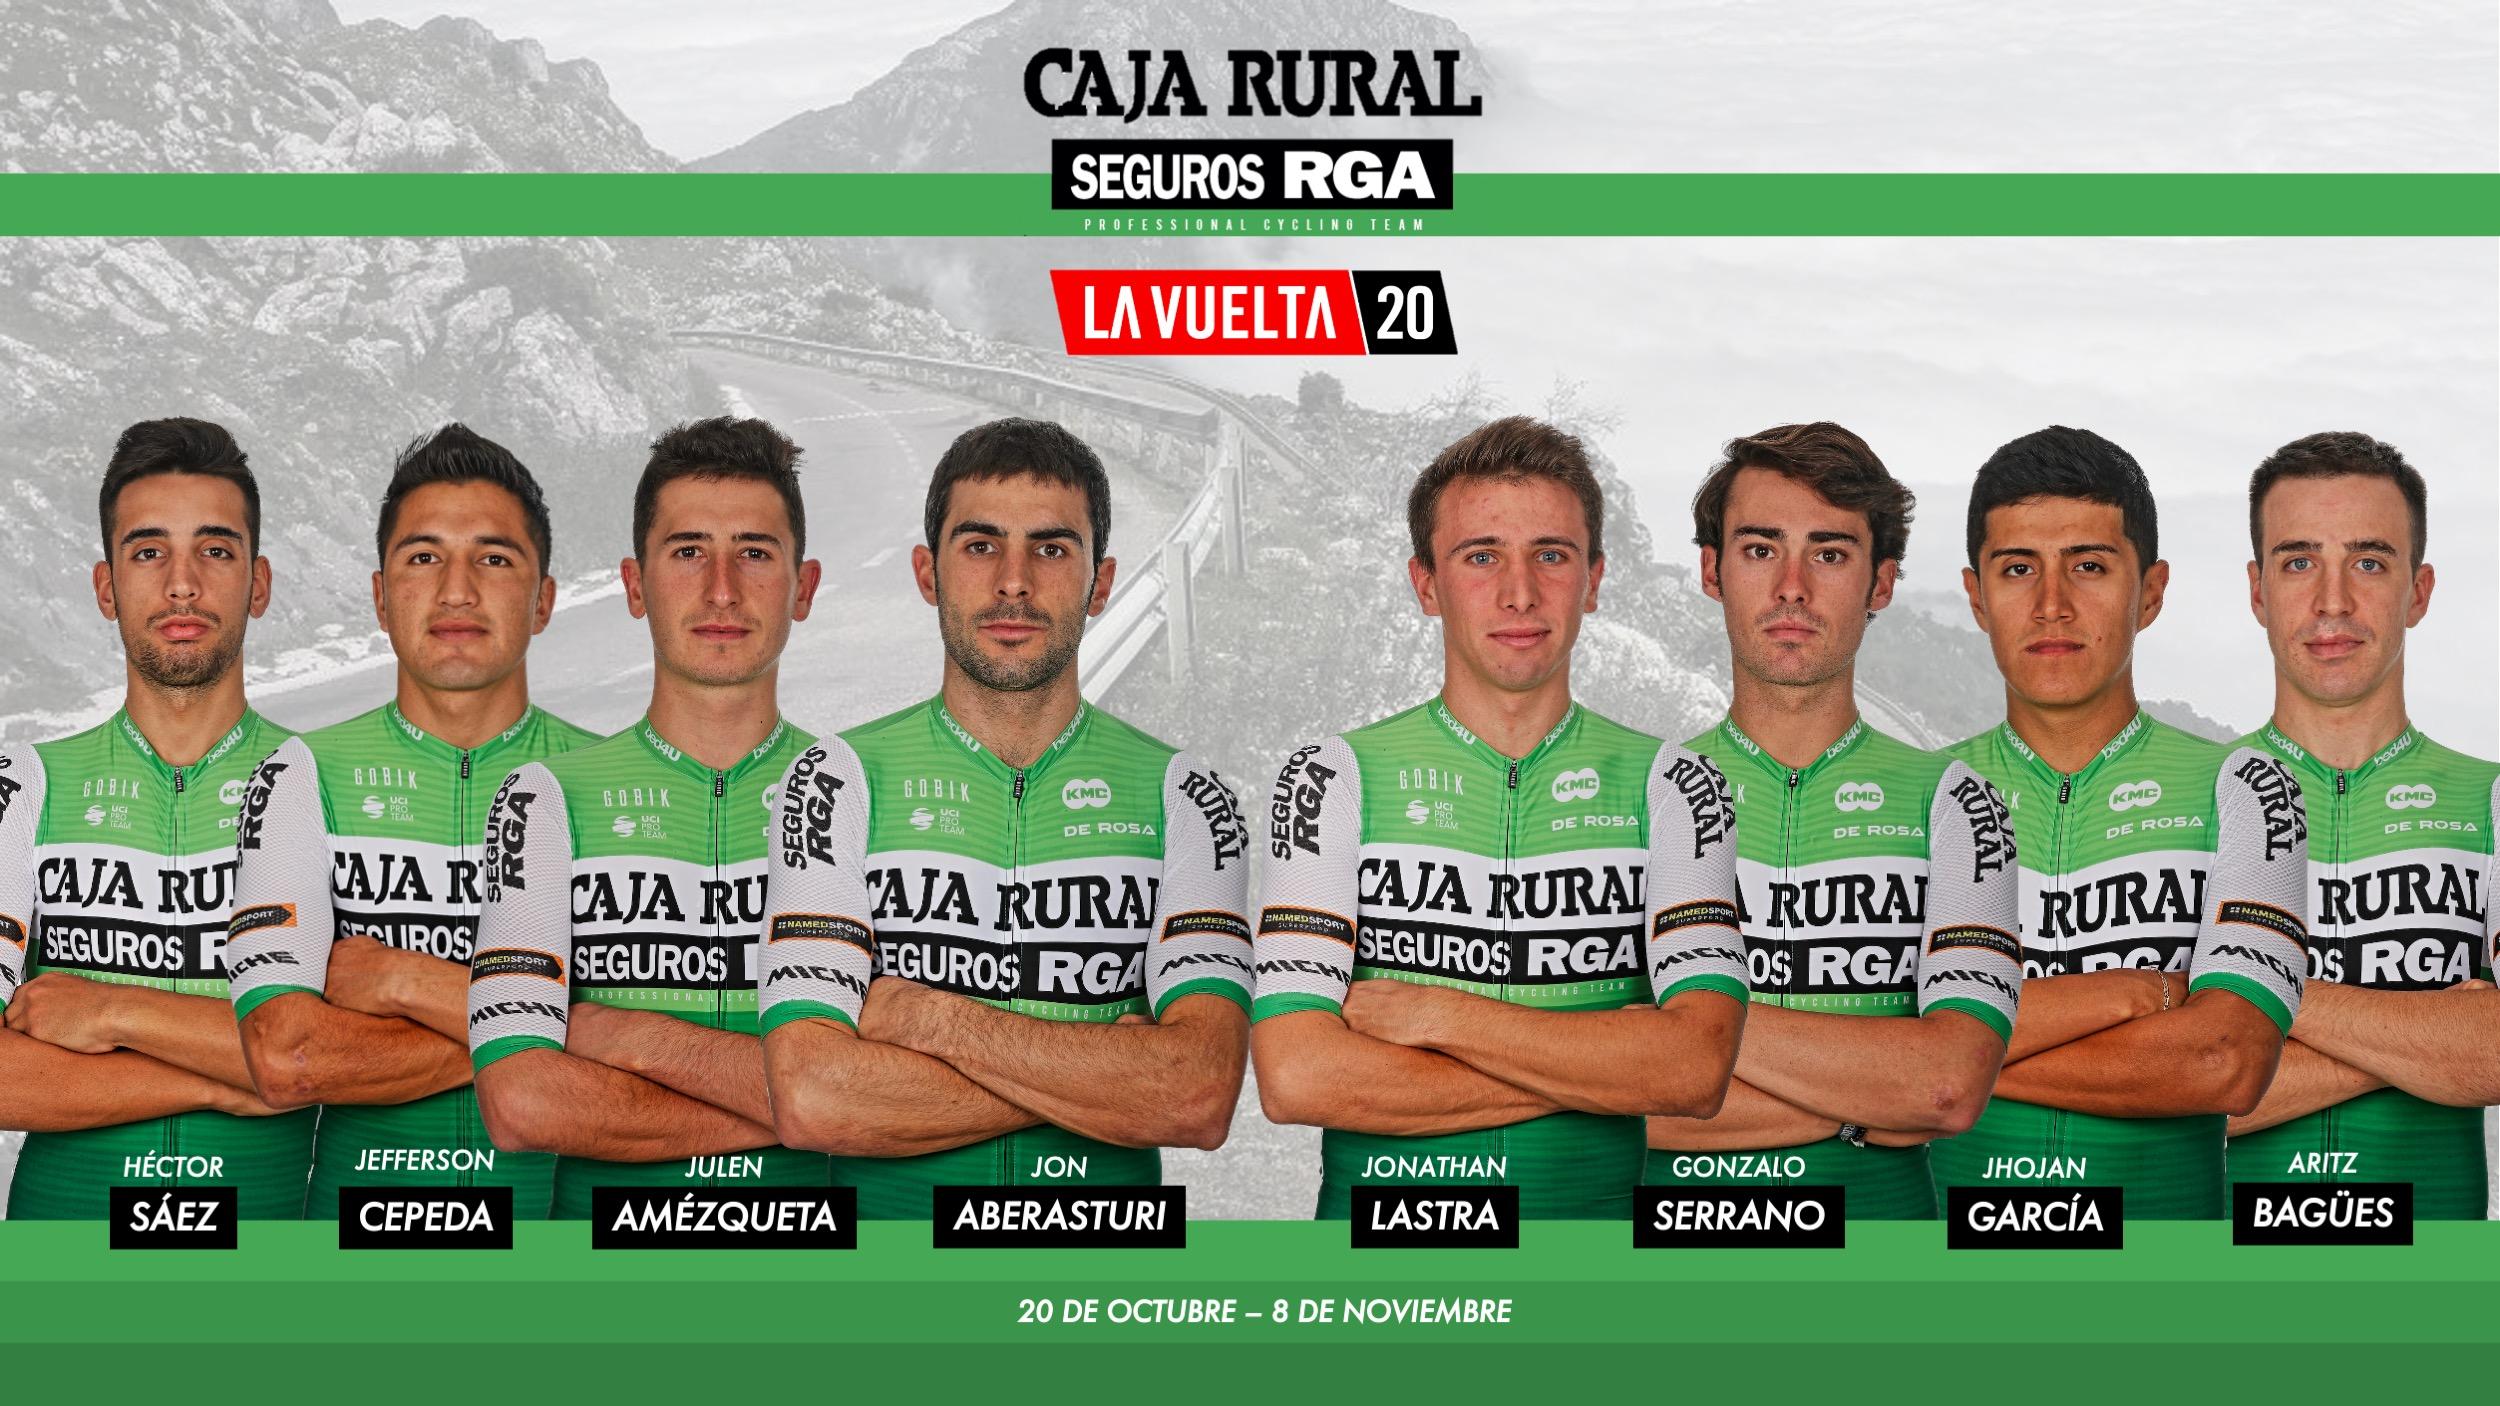 Ocho elegidos para el gran reto de la temporada de Caja Rural-Seguros RGA